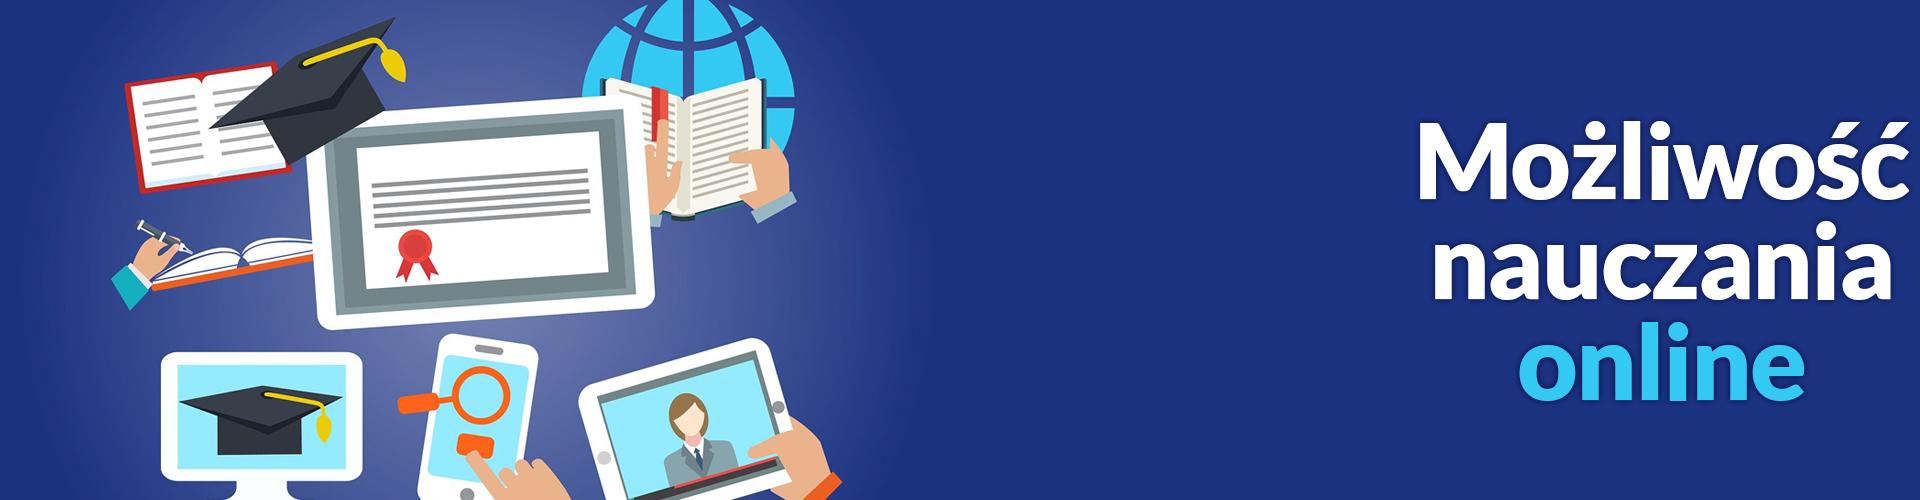 Możliwość nauczania w formie E-learningu